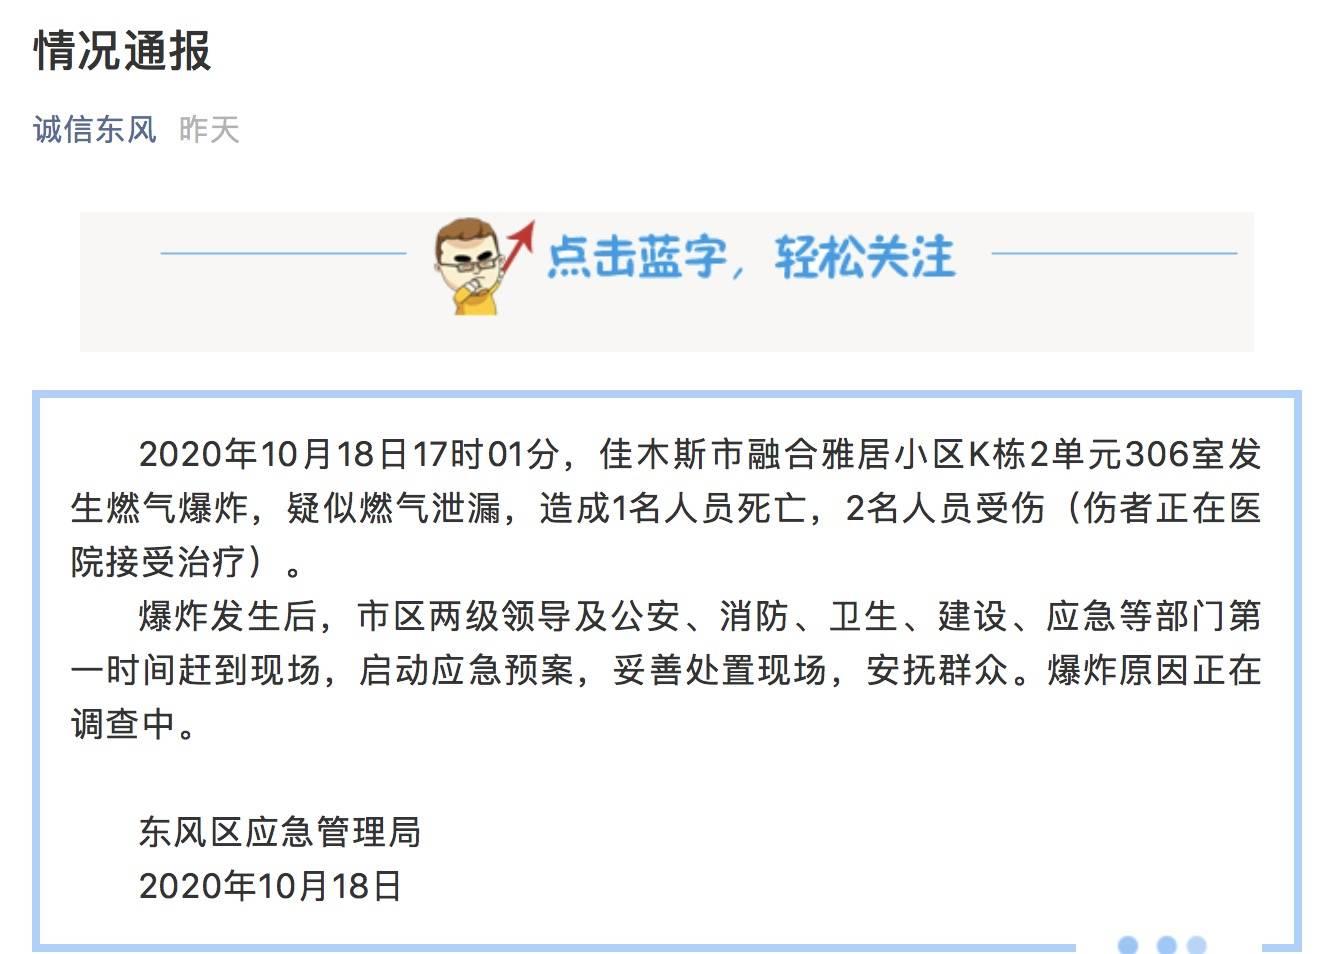 恒达官网黑龙江佳木斯一小区燃气爆炸致1死2伤,爆炸原因正在调查中(图1)